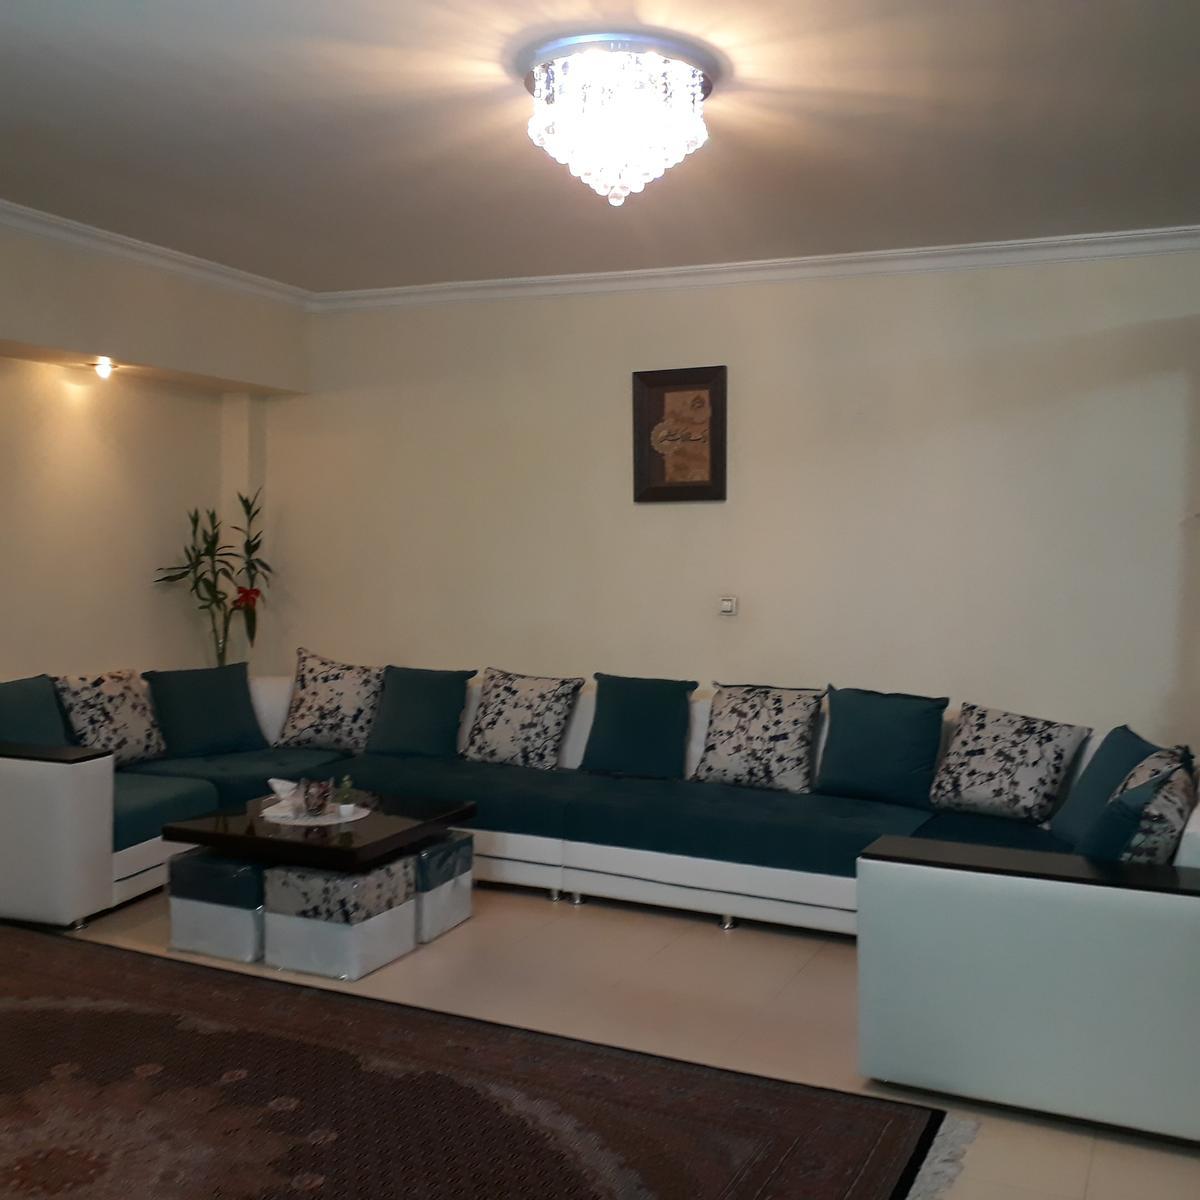 رهن خانه مبله در تهران HS1211 | ارازن جا